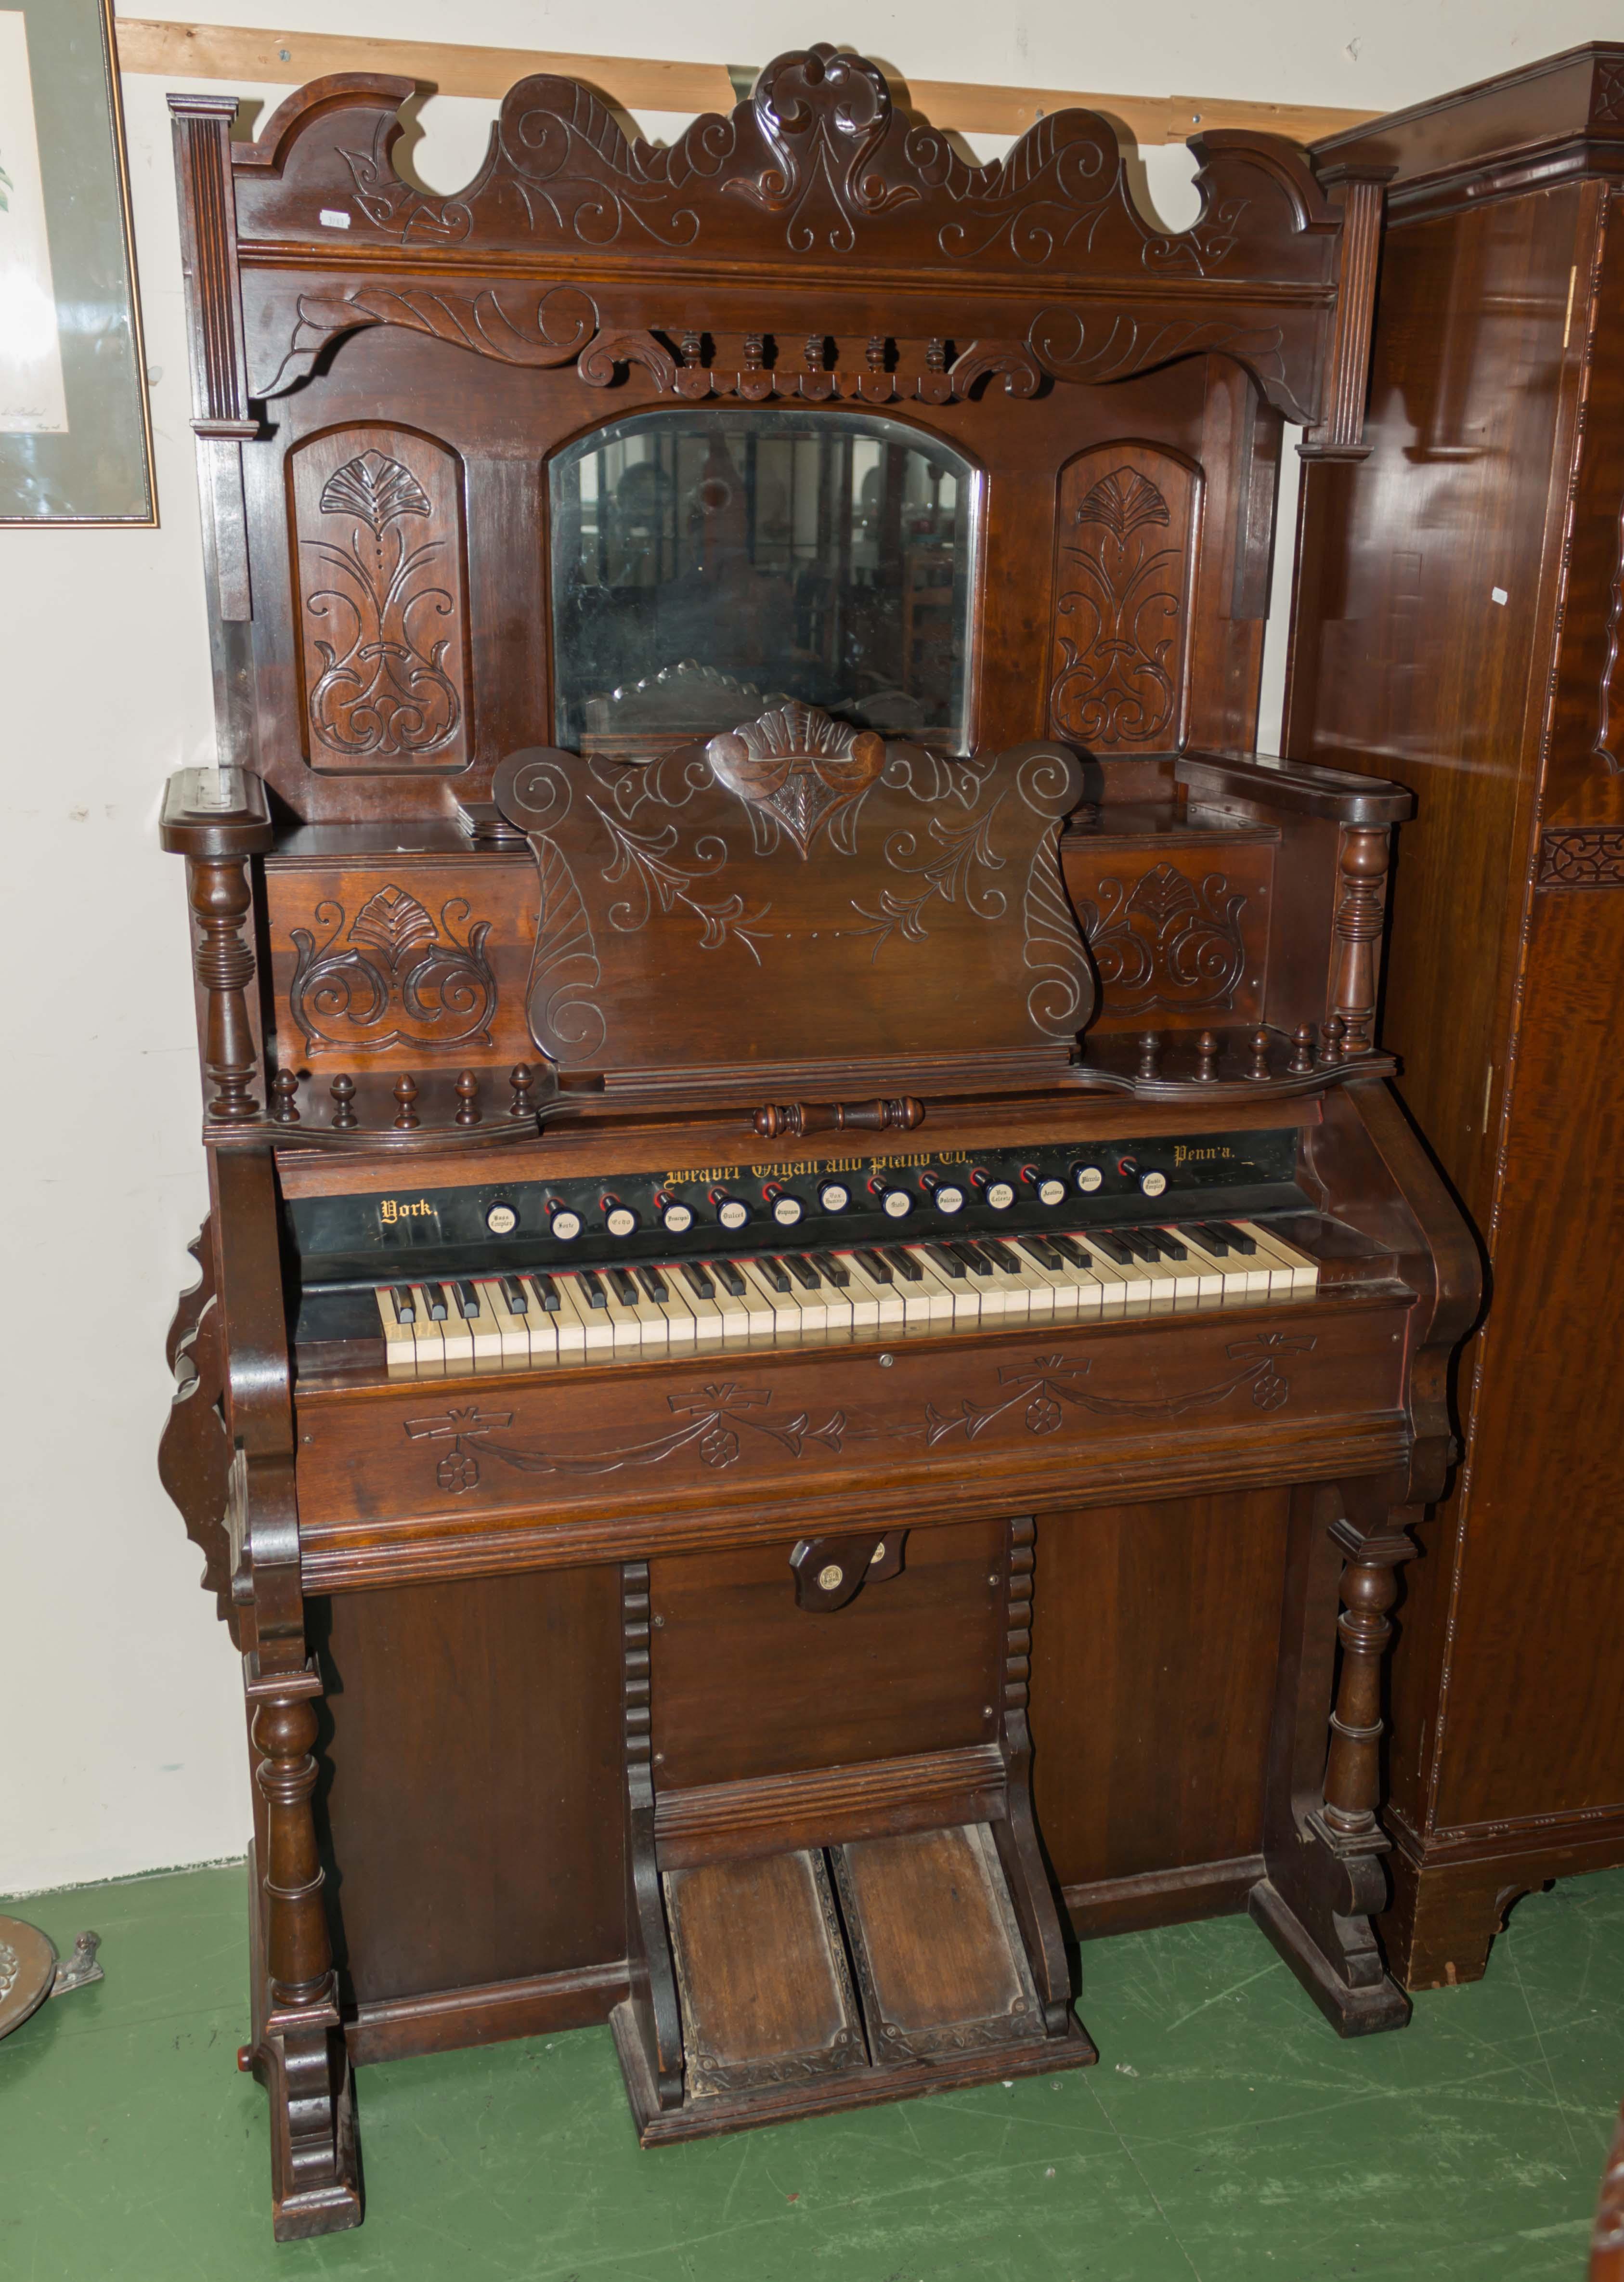 Lot 36 - An antique pump organ